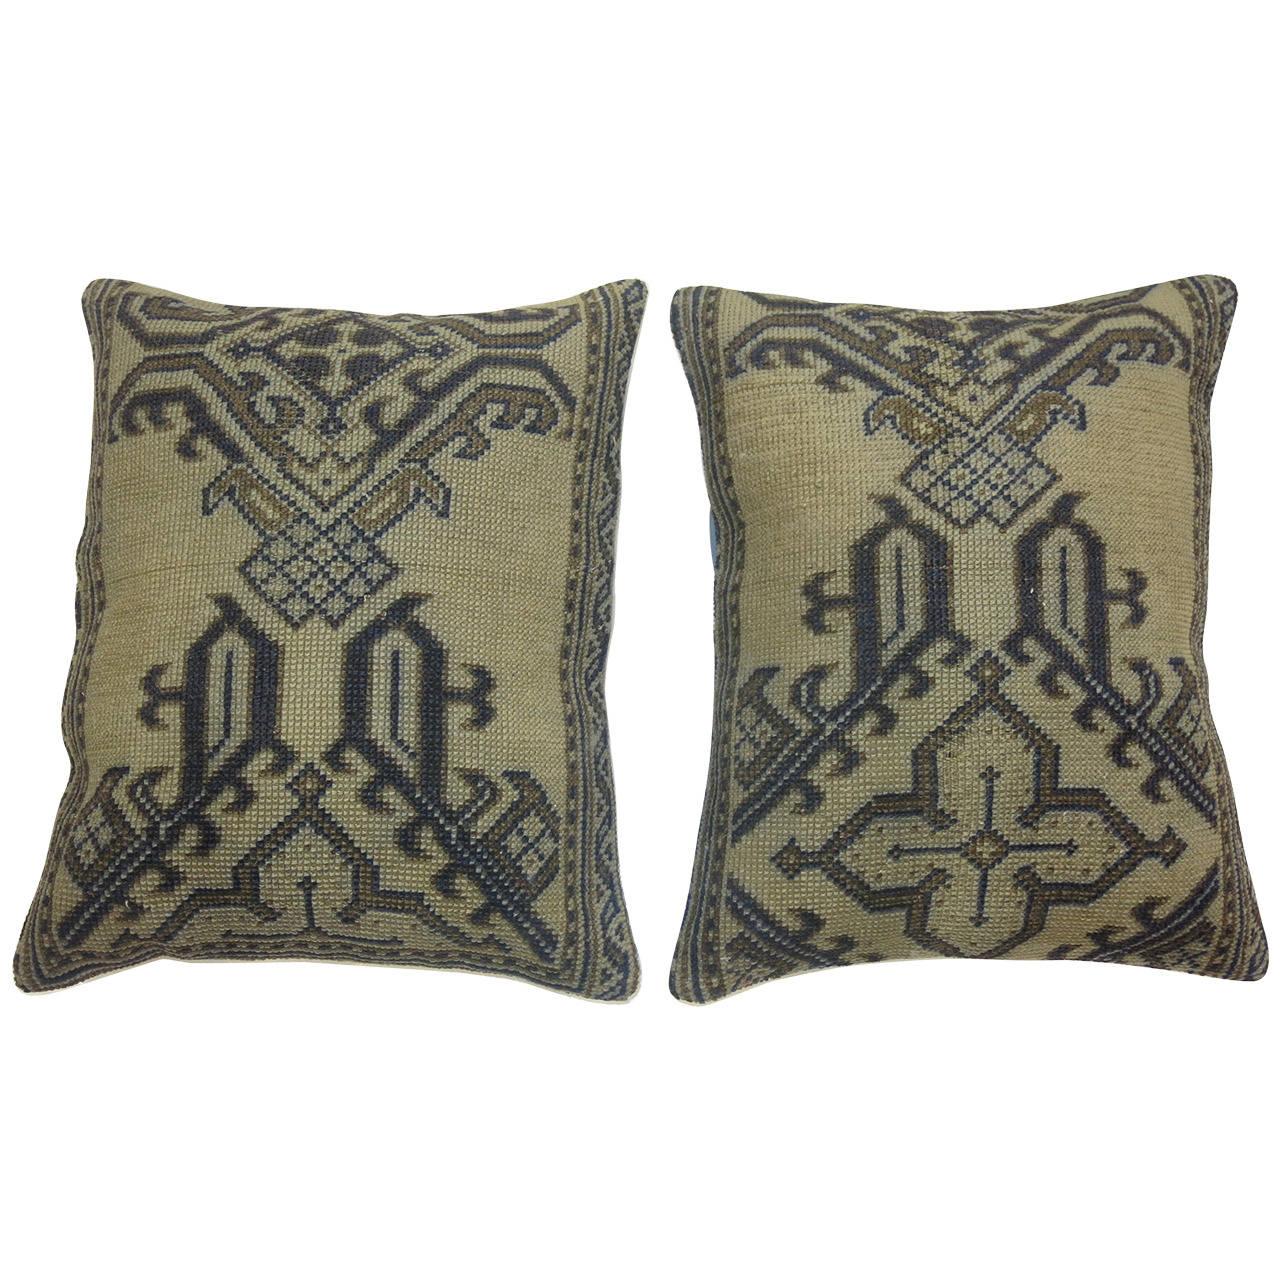 Antique Turkish Oushak Rug Pillows At 1stdibs